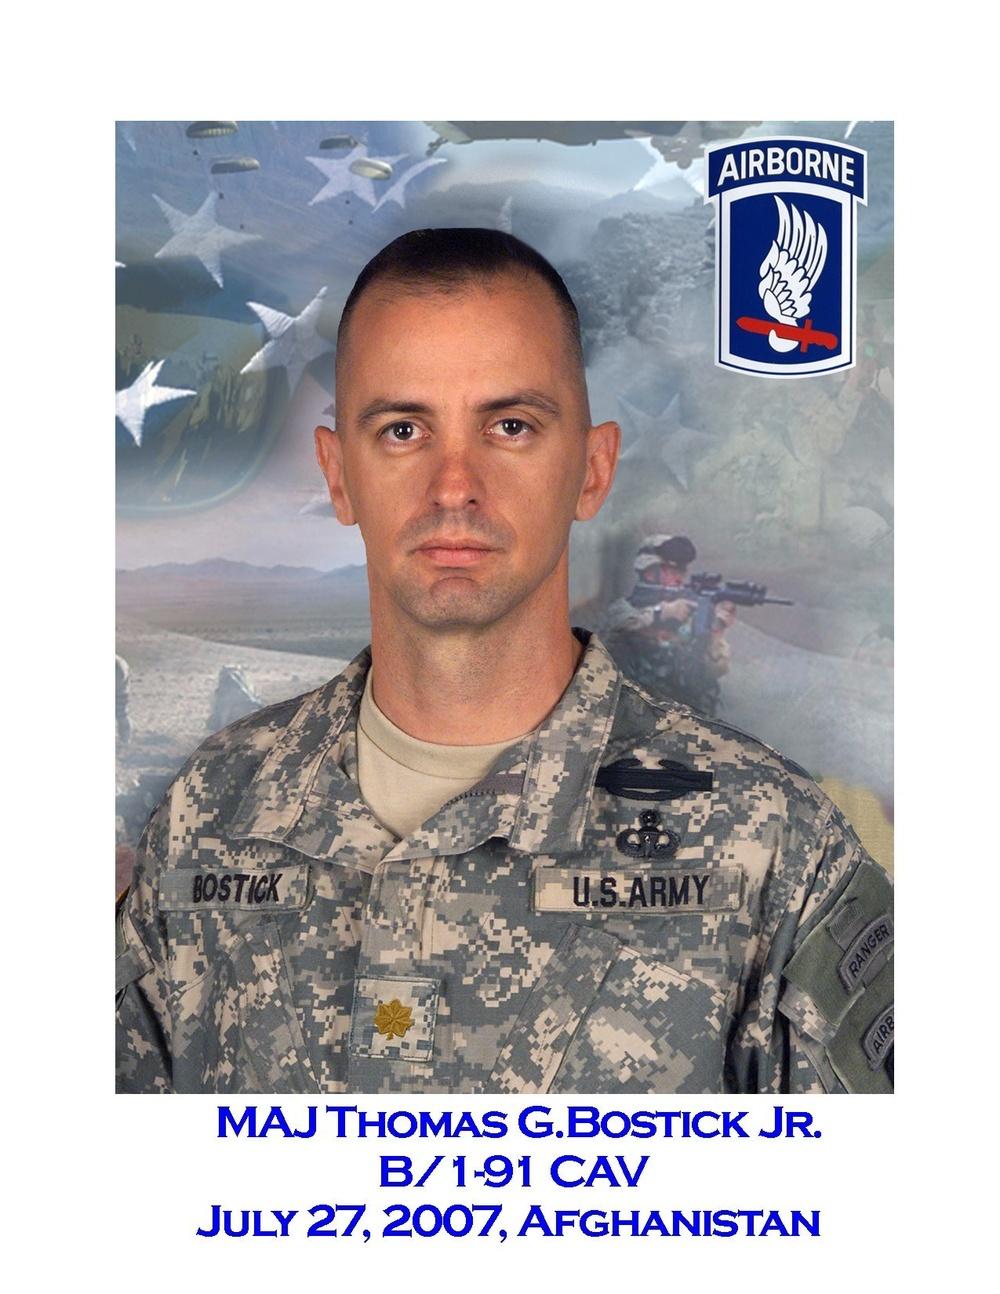 Maj. Thomas Bostick